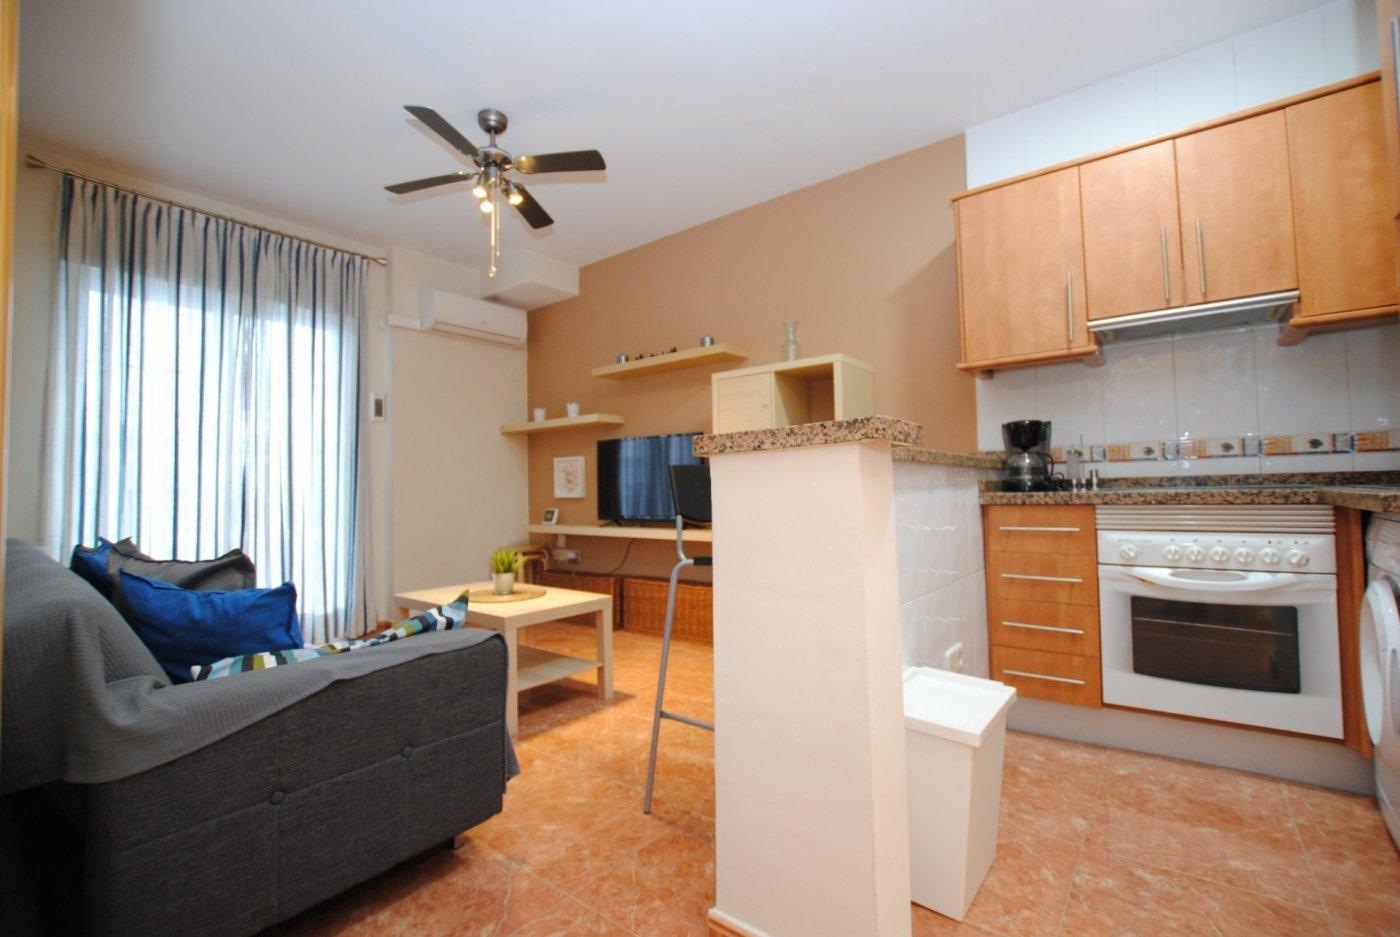 Apartamento en 2 linea de playa!!! - imagenInmueble3